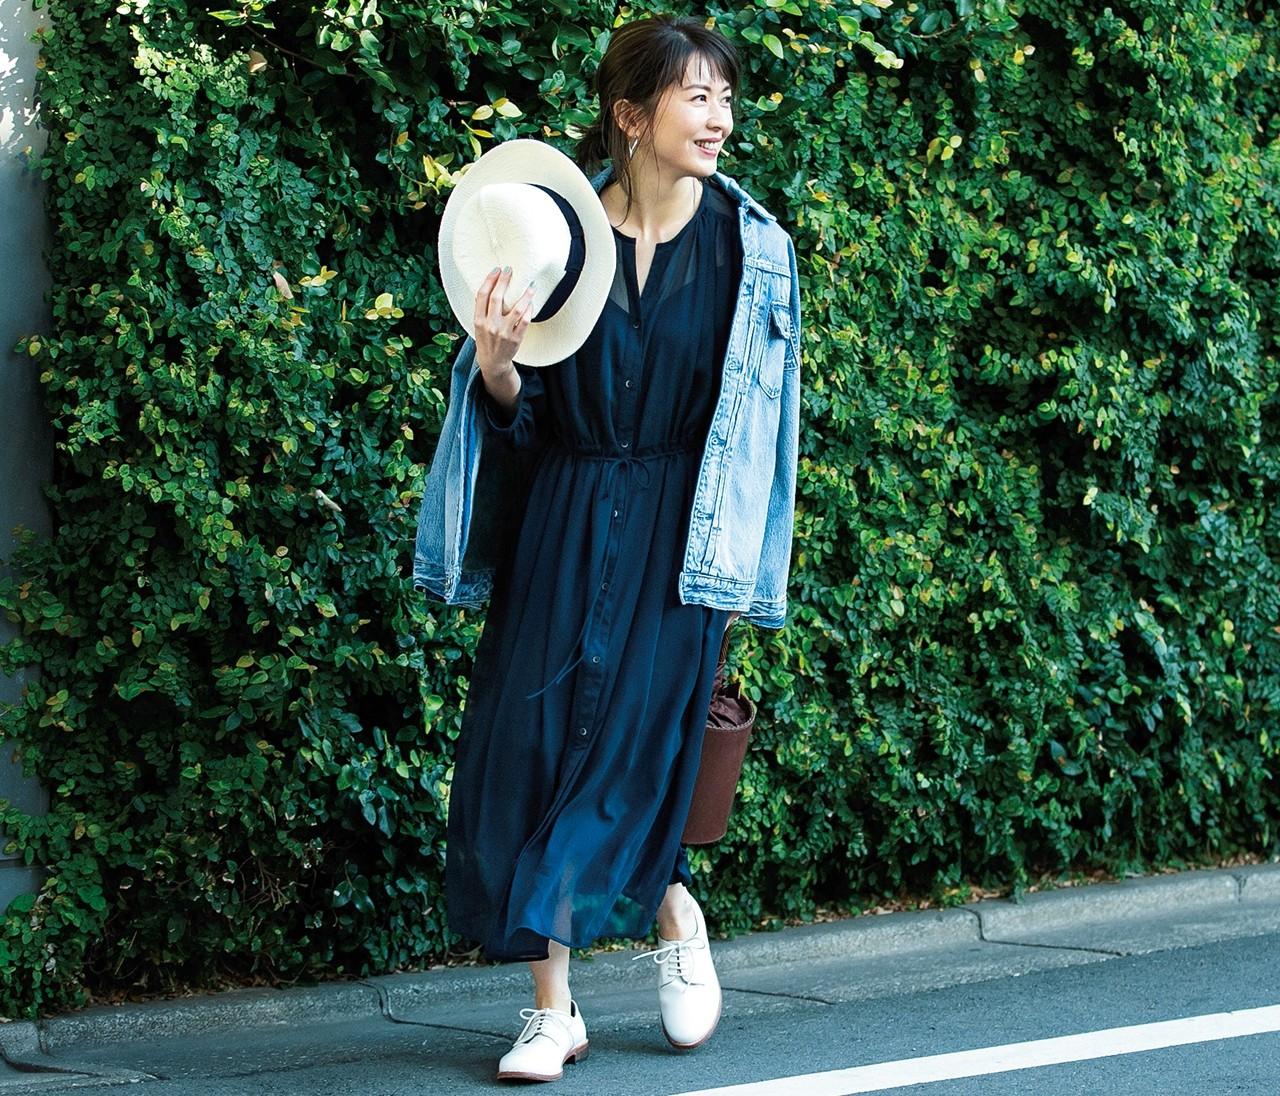 【伊藤真知さんの春いちユニクロ】「透けワンピース」はとろみ素材×ネイビーを選ぶ